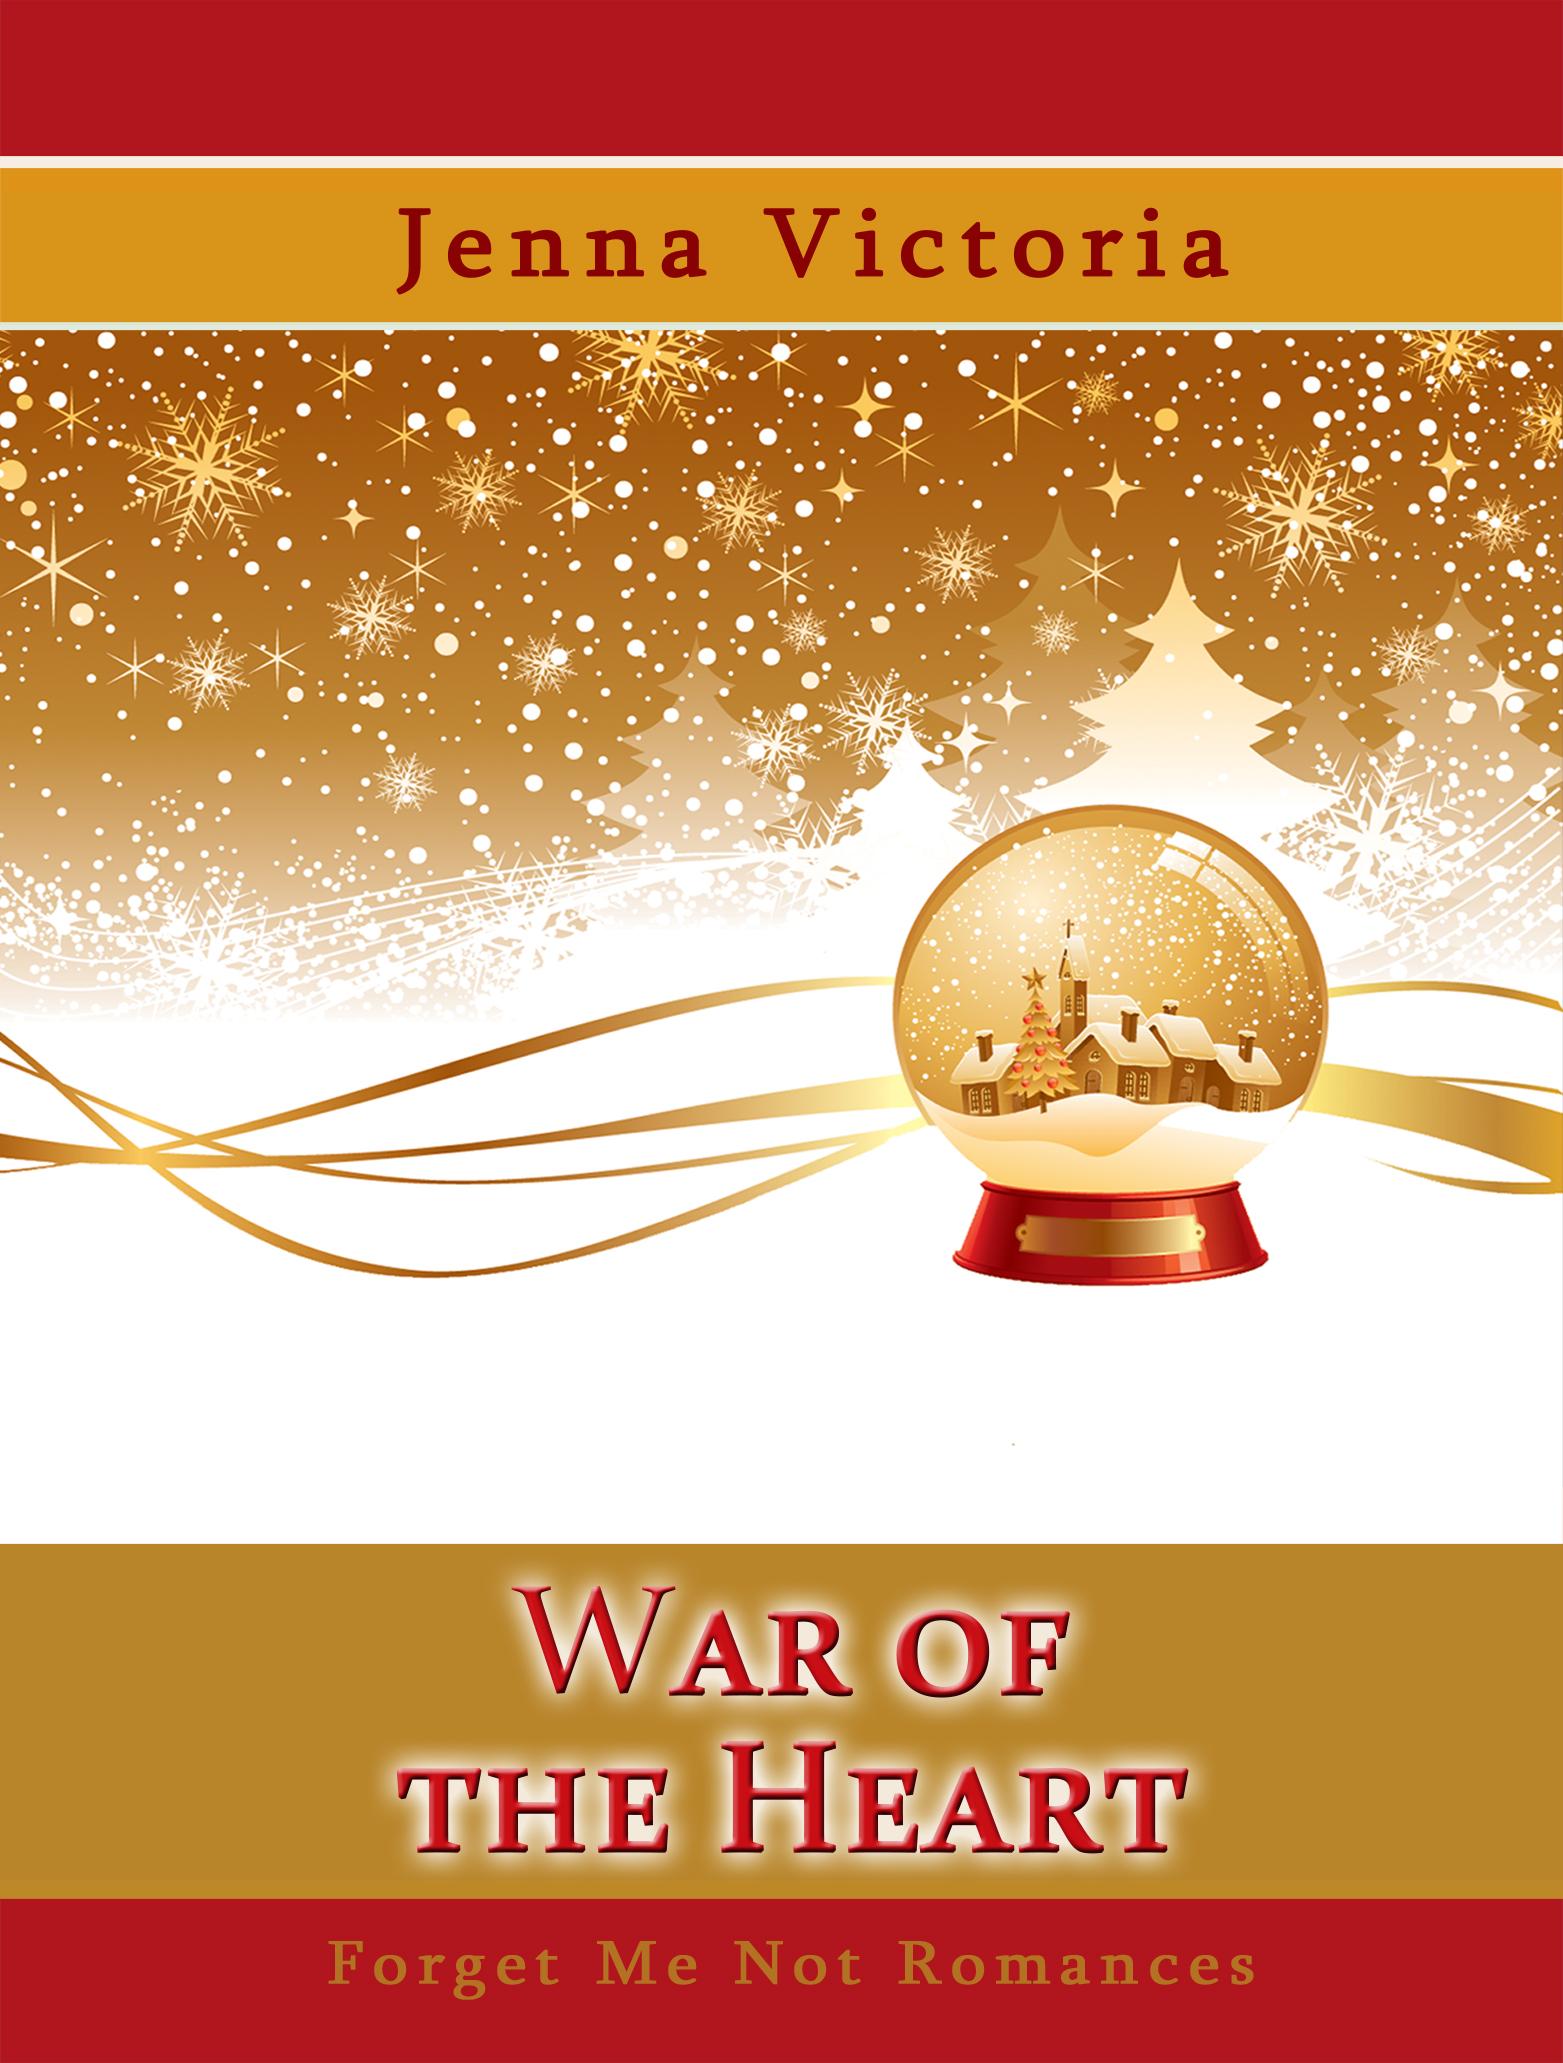 war-of-the-heart-2